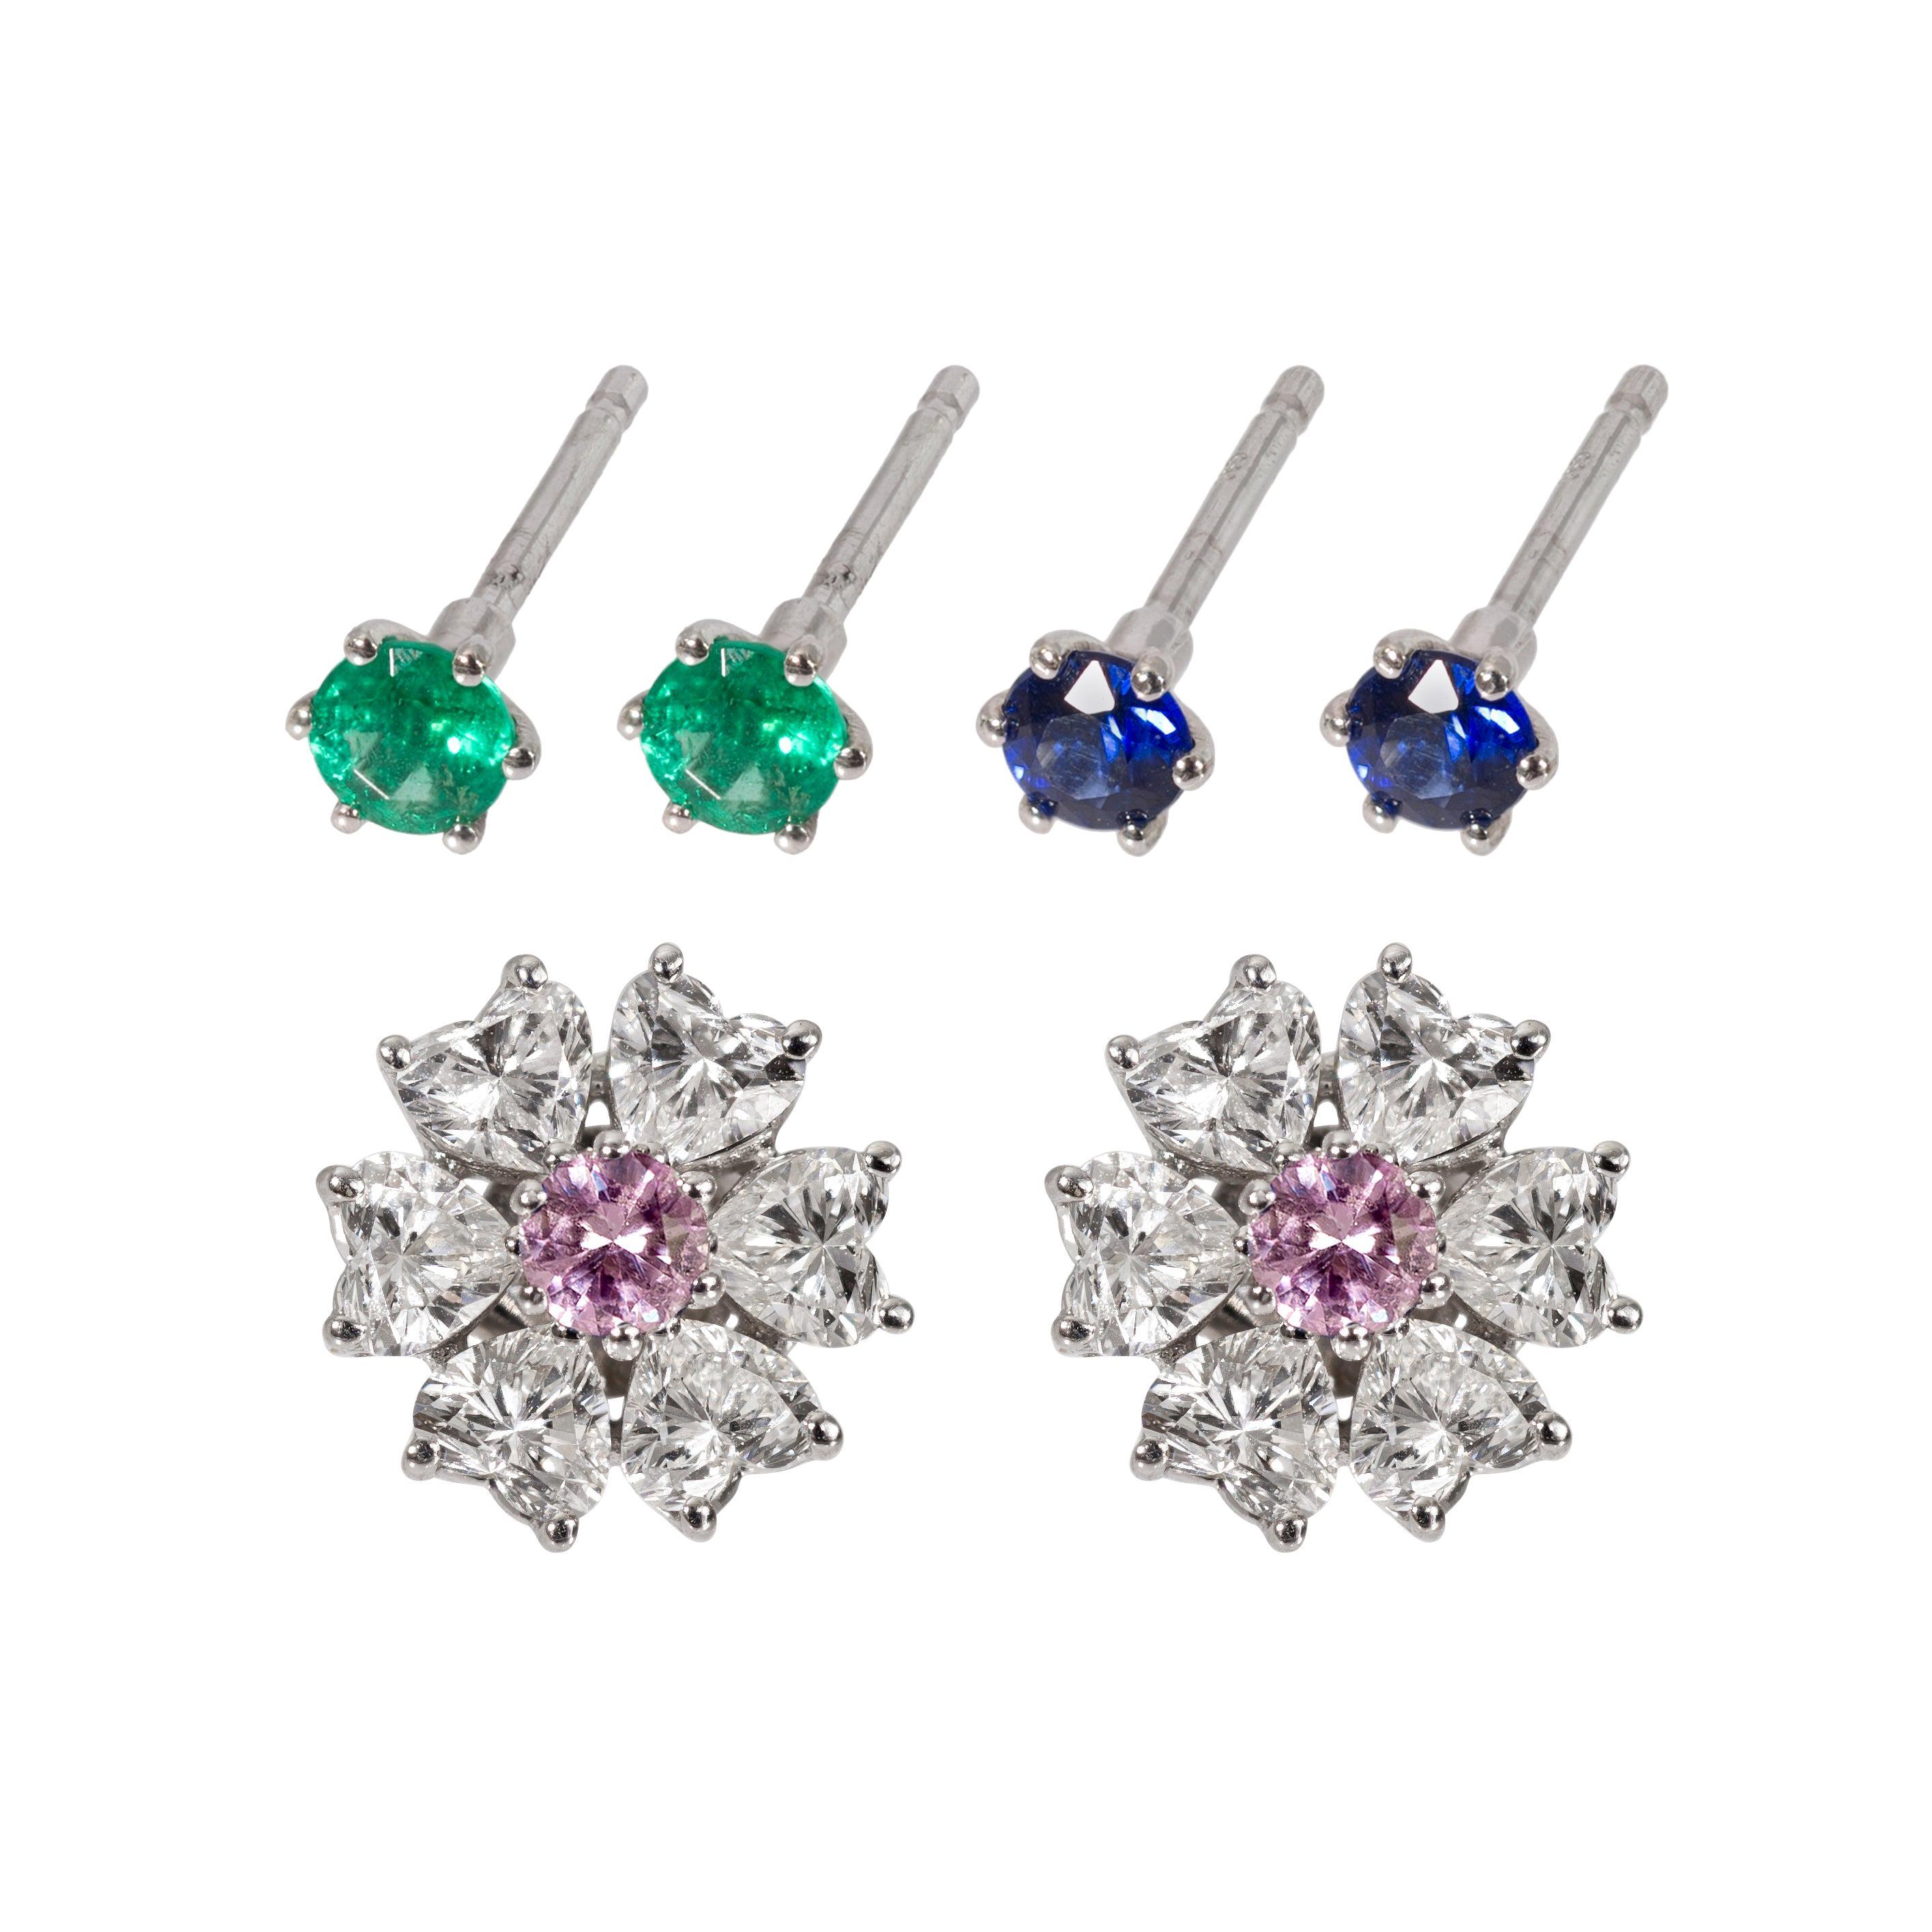 2.84 Carat Interchangeable Diamond Earrings Set with Heart Shape Diamonds